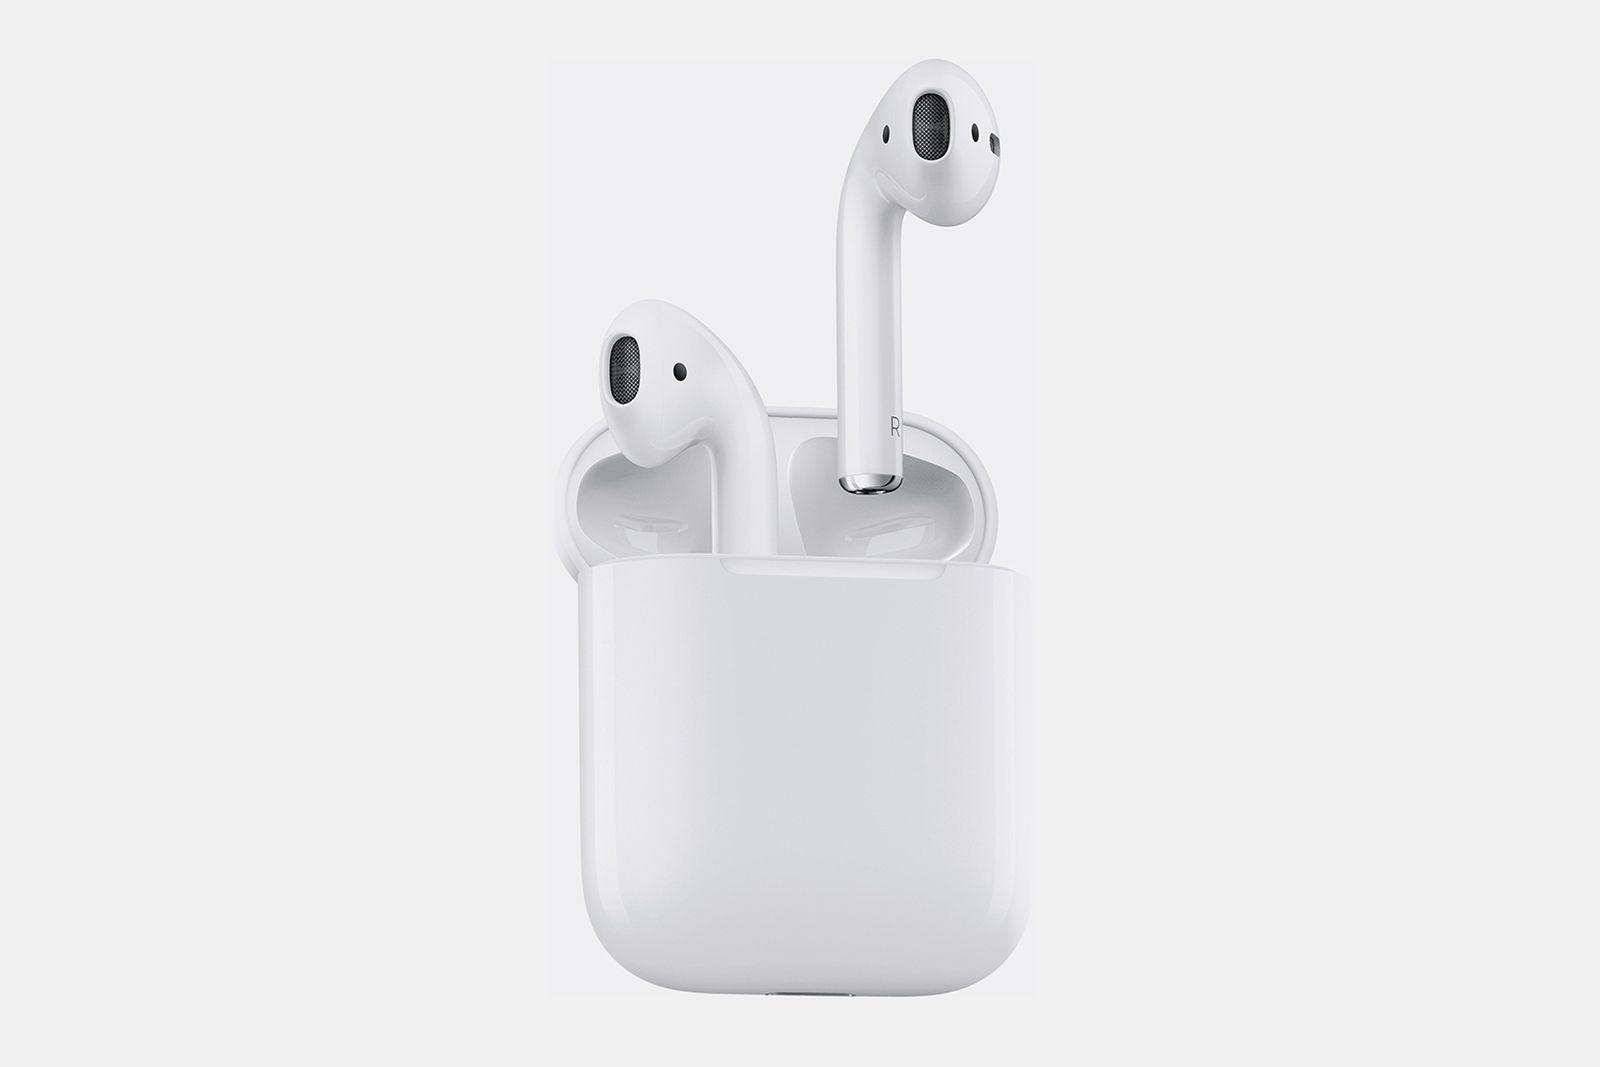 apple airpods 2 grip coating rumor AirPower